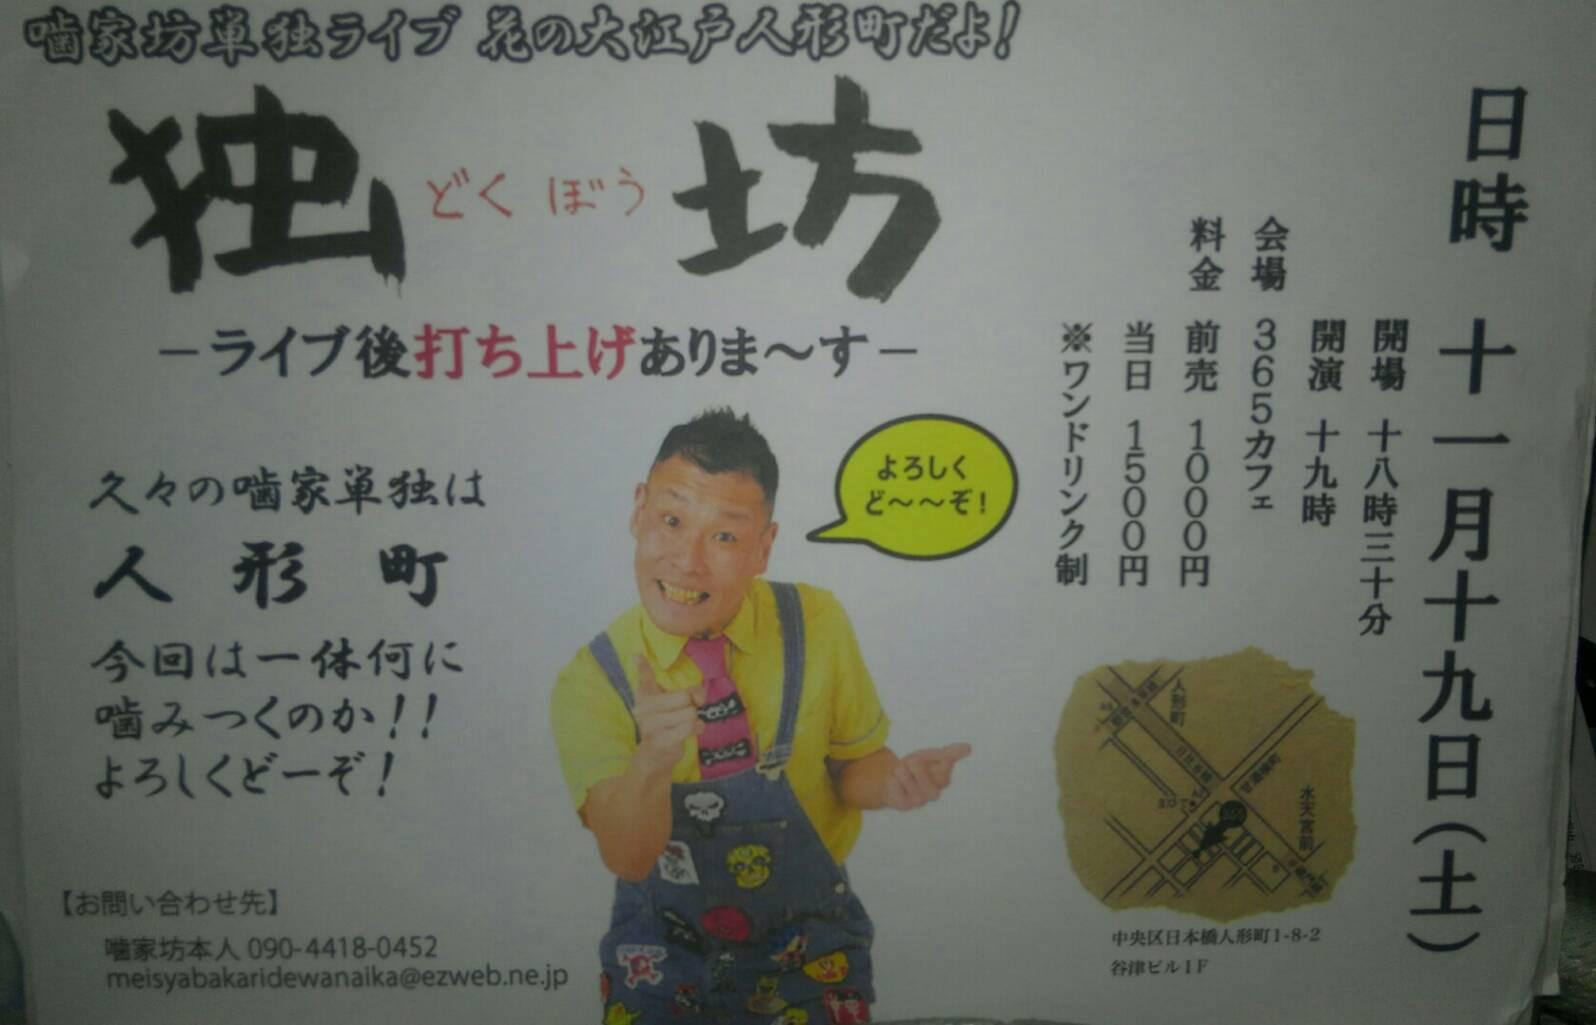 【噛家坊出演】噛家坊単独ライブ 「独坊」